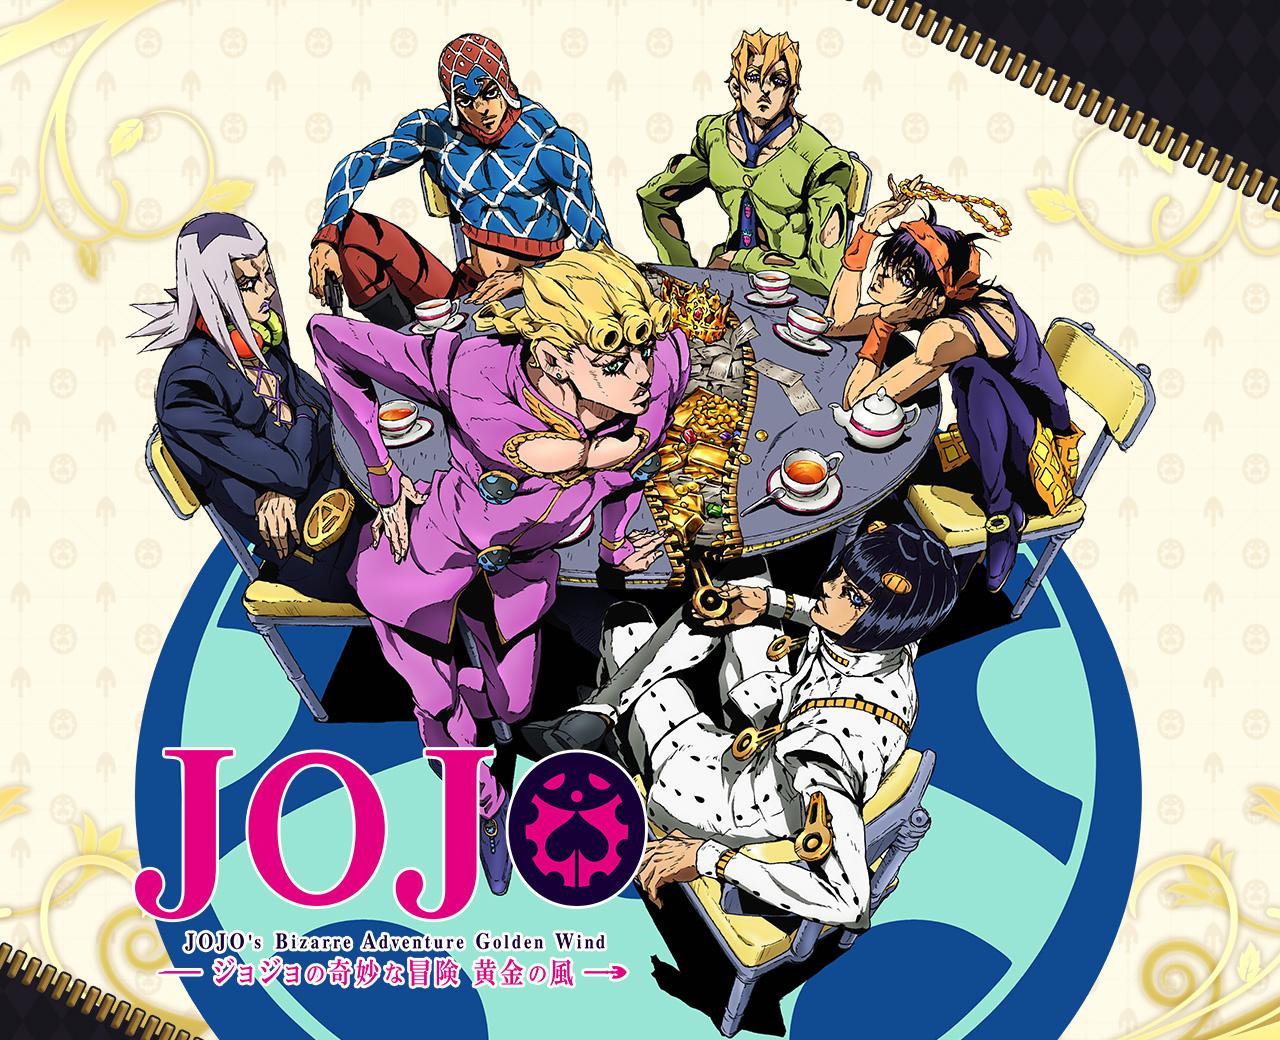 動畫《JoJo的奇妙冒險 第5部:黃金之風》公開米斯達PV! - JoriC的創作 - 巴哈姆特